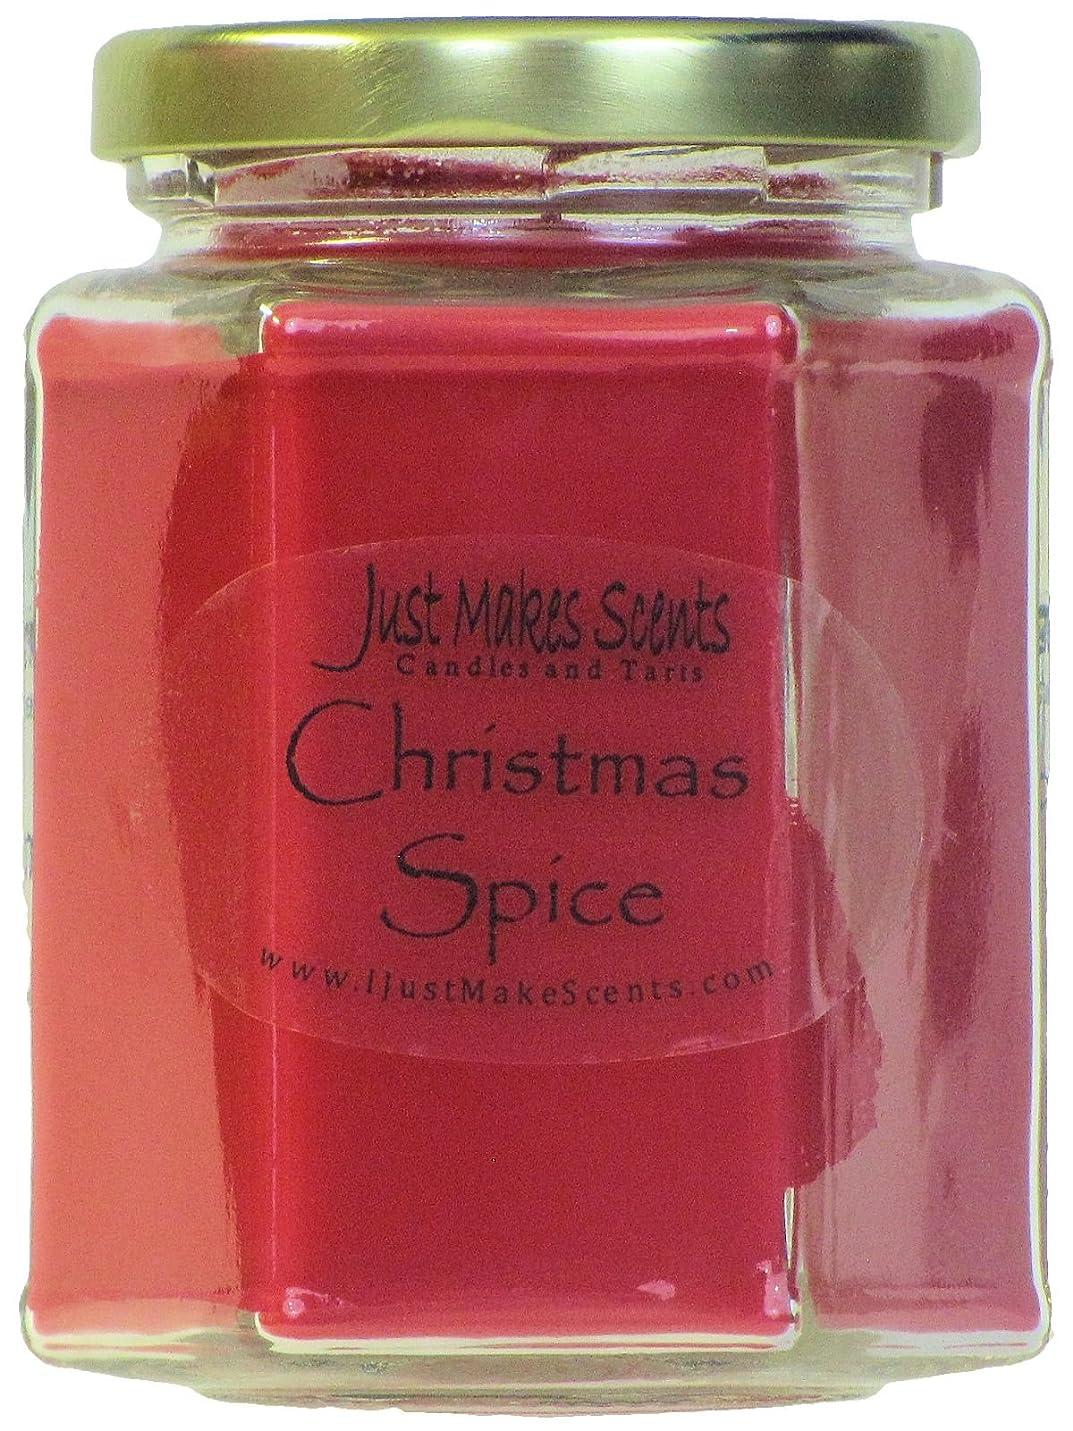 バーチャルマントマイルドクリスマスSpice香りつきBlended Soy Candle by Just Makes Scents 1 Candle レッド C02009HRDD